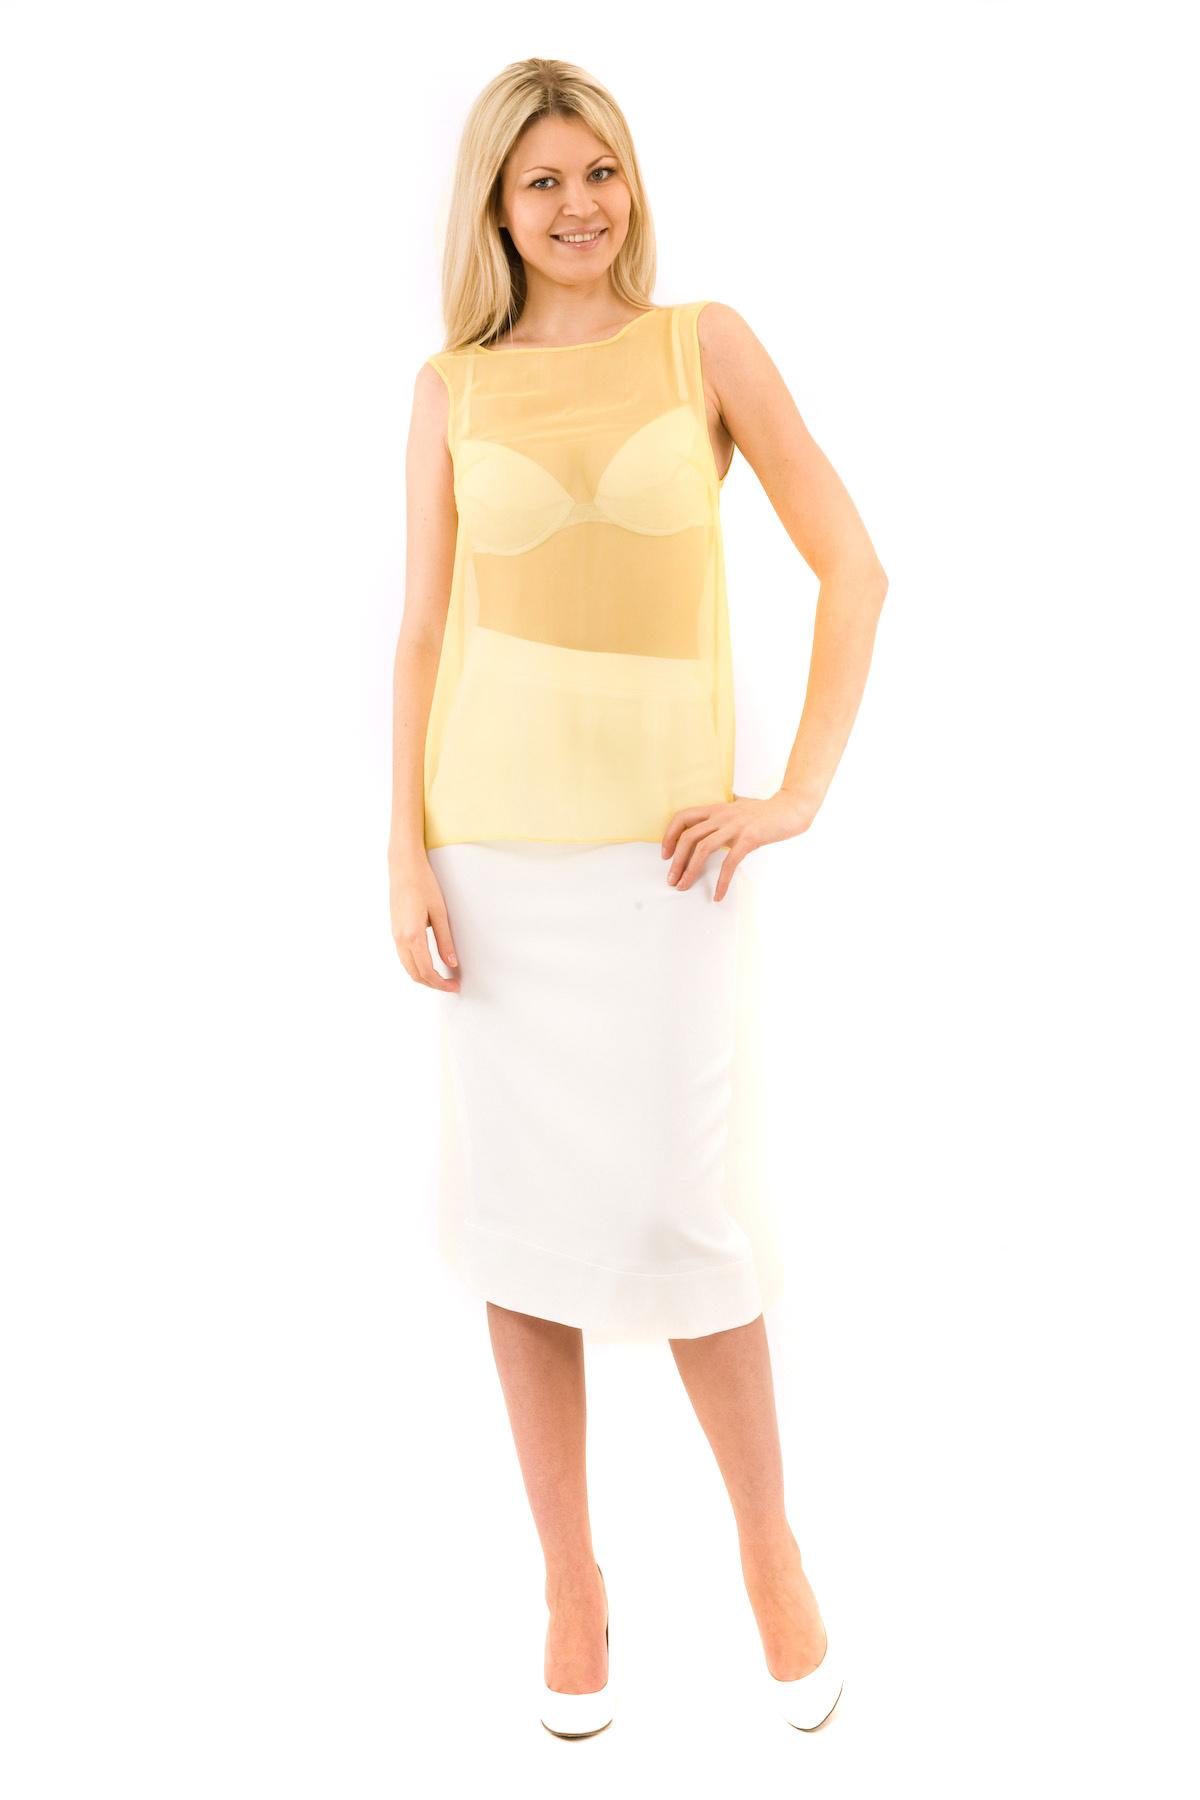 БлузаЖенские блузки<br>Эффектная блузка Doctor E элегантного лаконичного дизайна. Модель выполнена из легкого полупрозрачного материала. Восхитительное дополнение к Вашему повседневному гардеробу.<br><br>Цвет: желтый<br>Состав: 100% полиэстер<br>Размер: 40,42,44,46,48,50,52,54,56<br>Страна дизайна: Россия<br>Страна производства: Россия